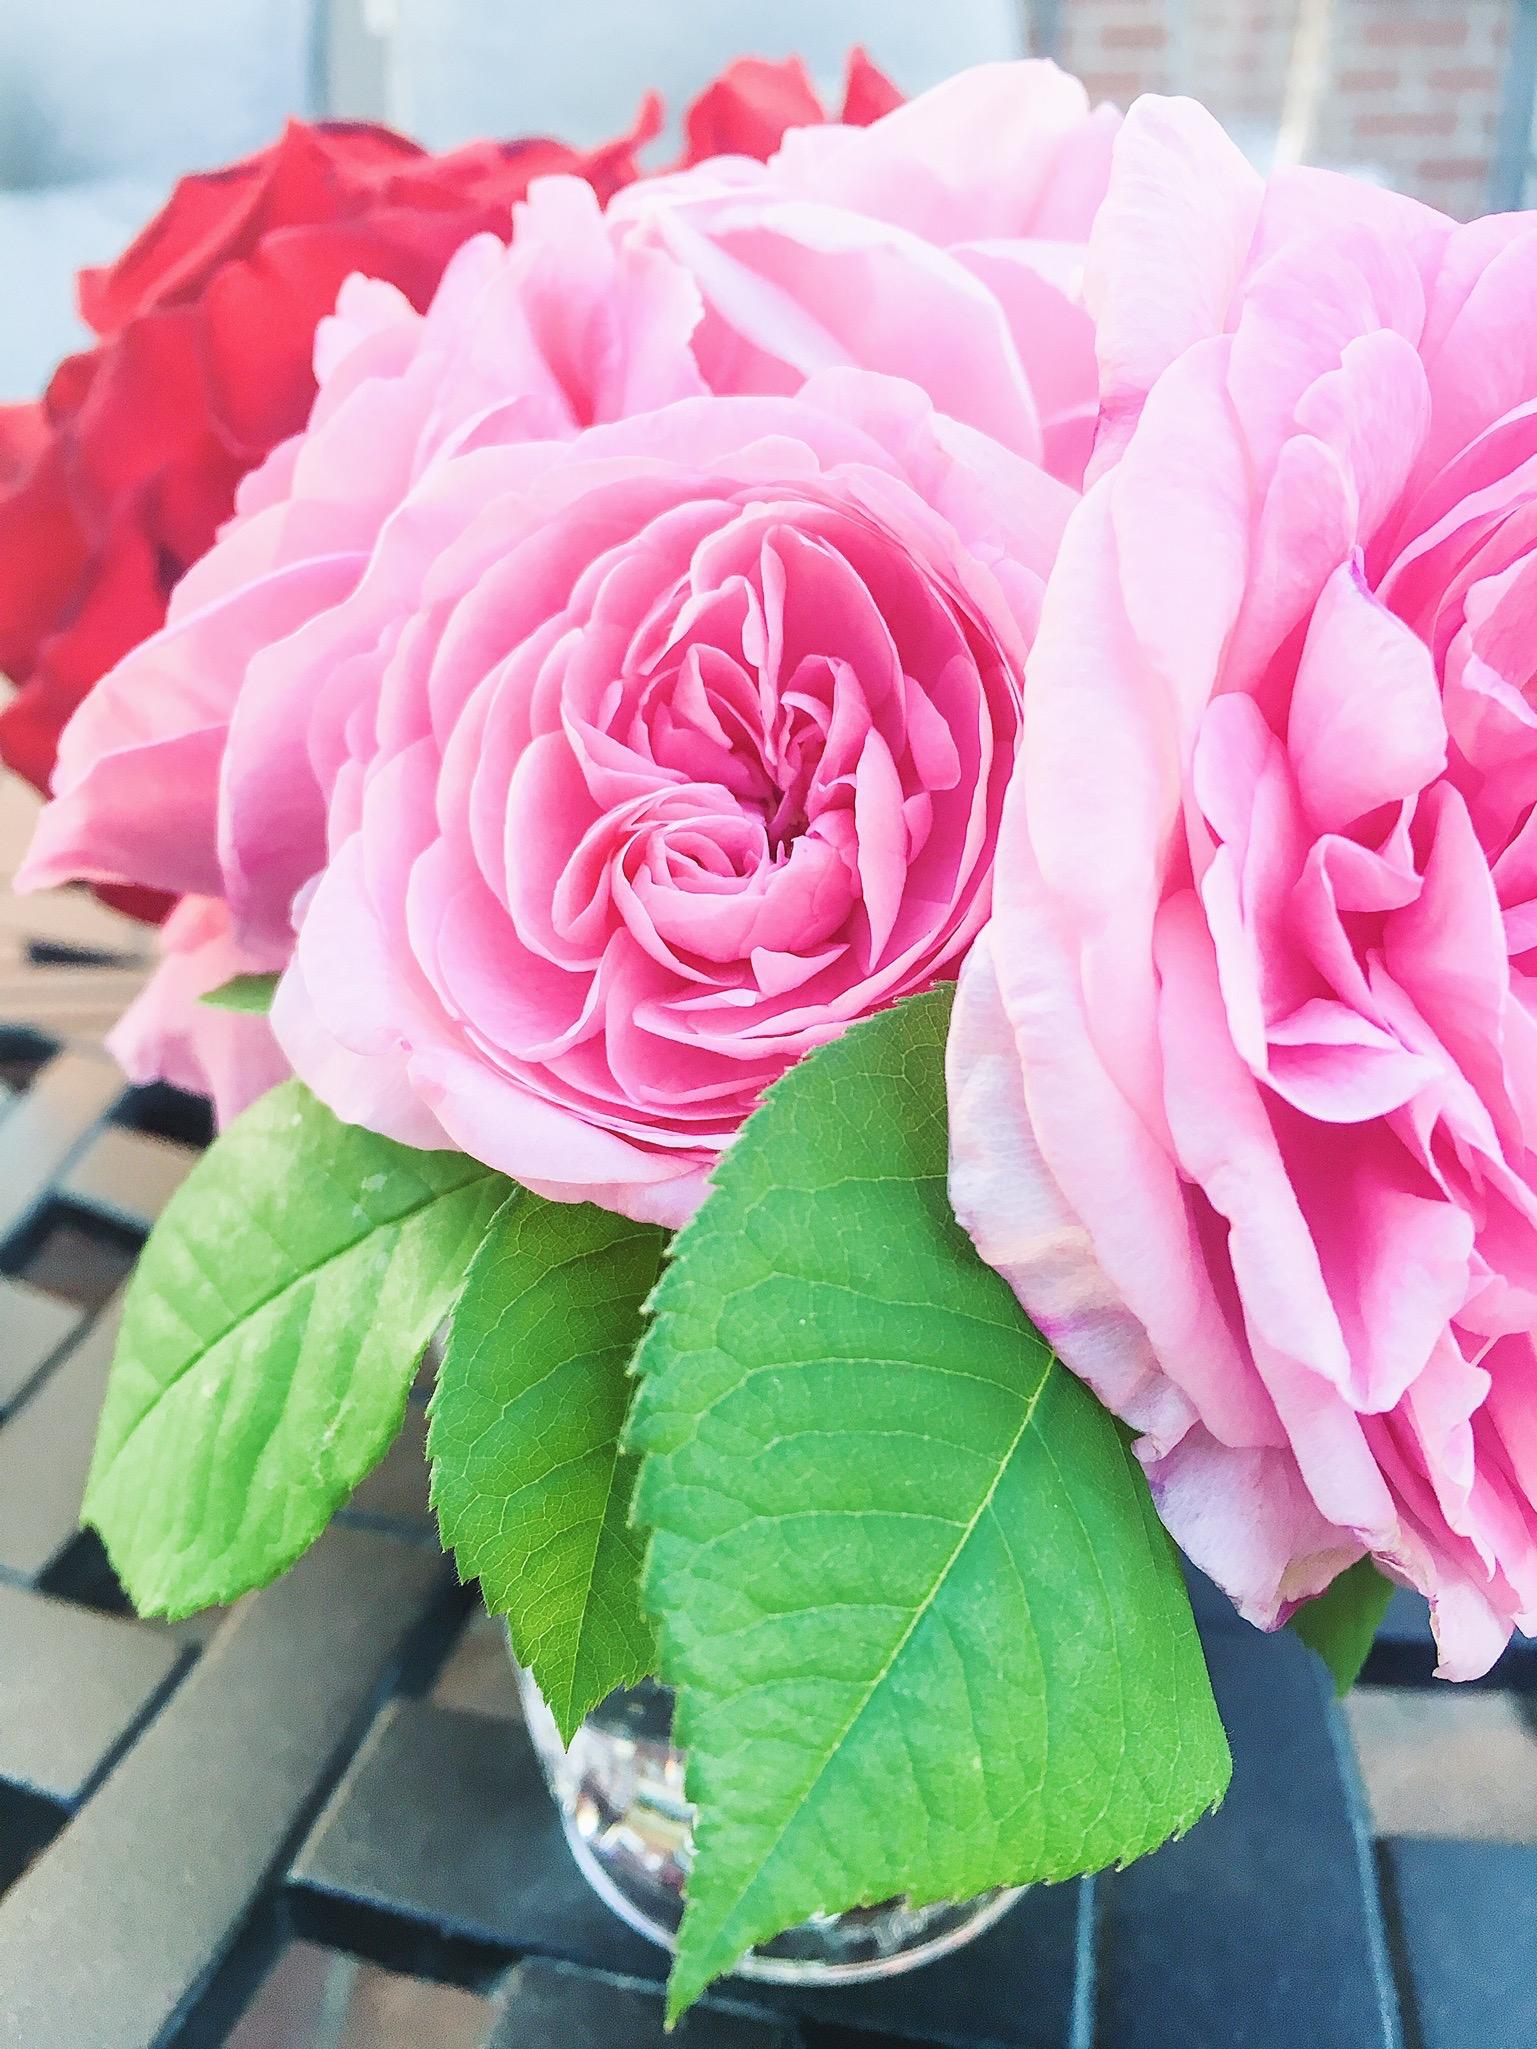 La Vie en rose. - Things are looking rosy...